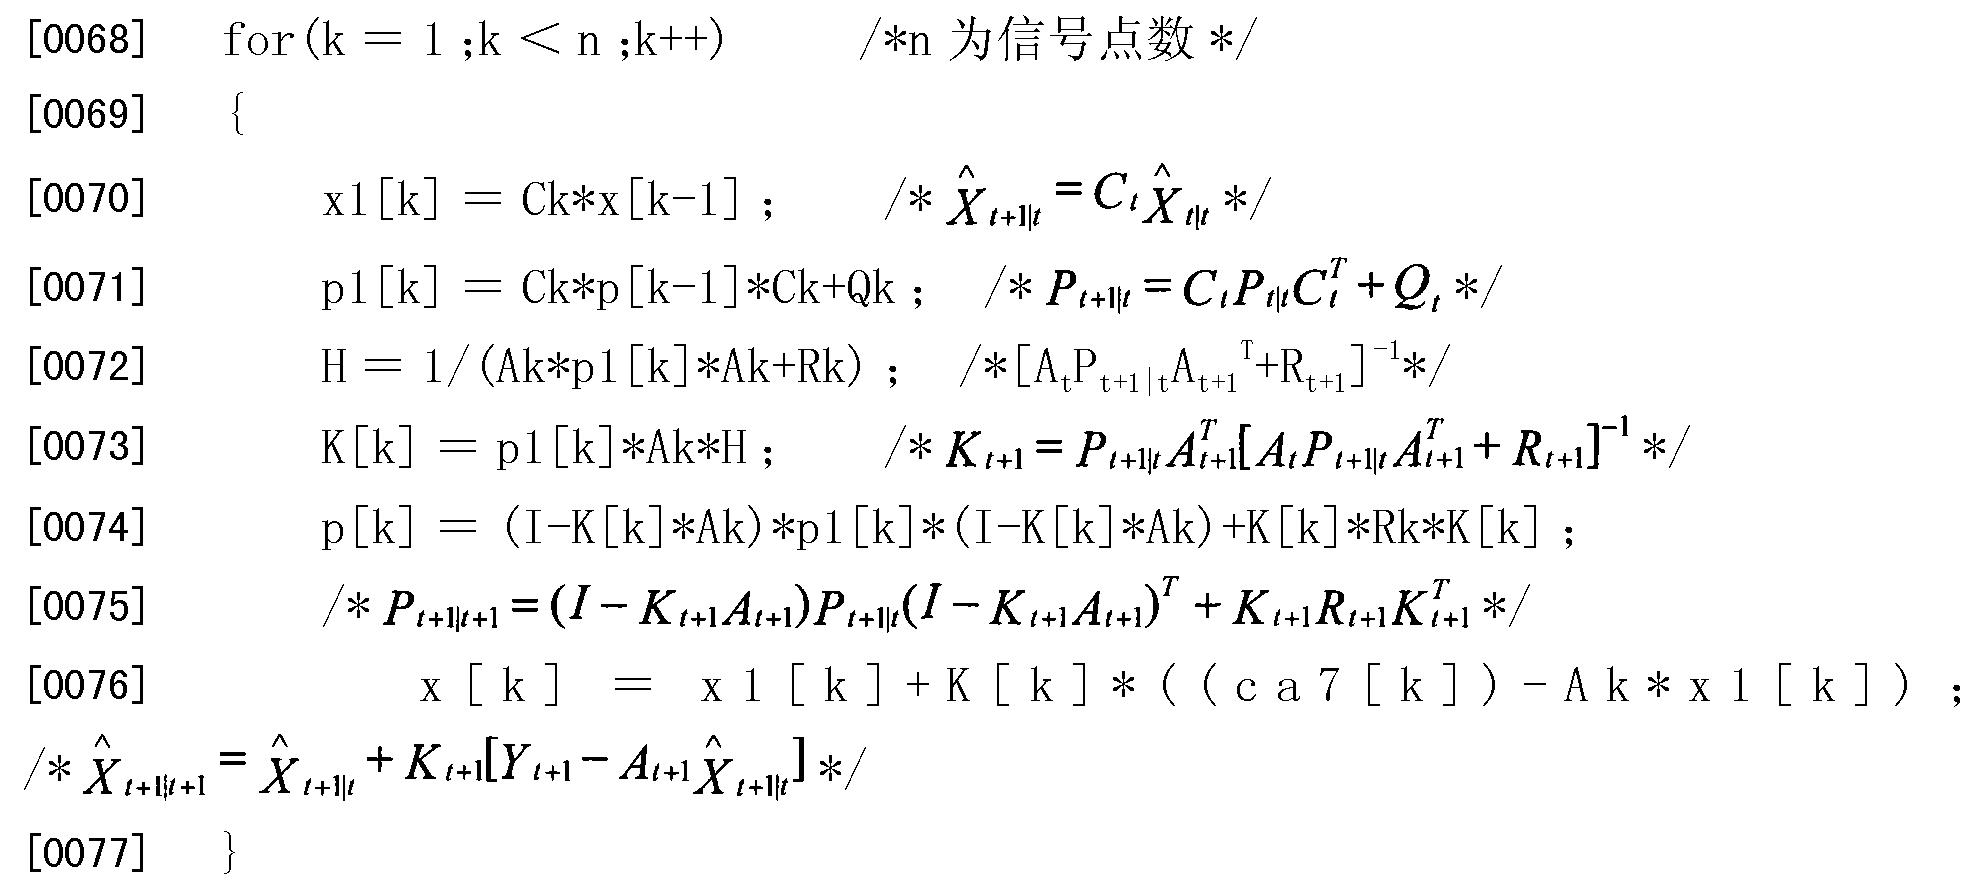 CN101577642B - Method for one-step forecasting Kalman